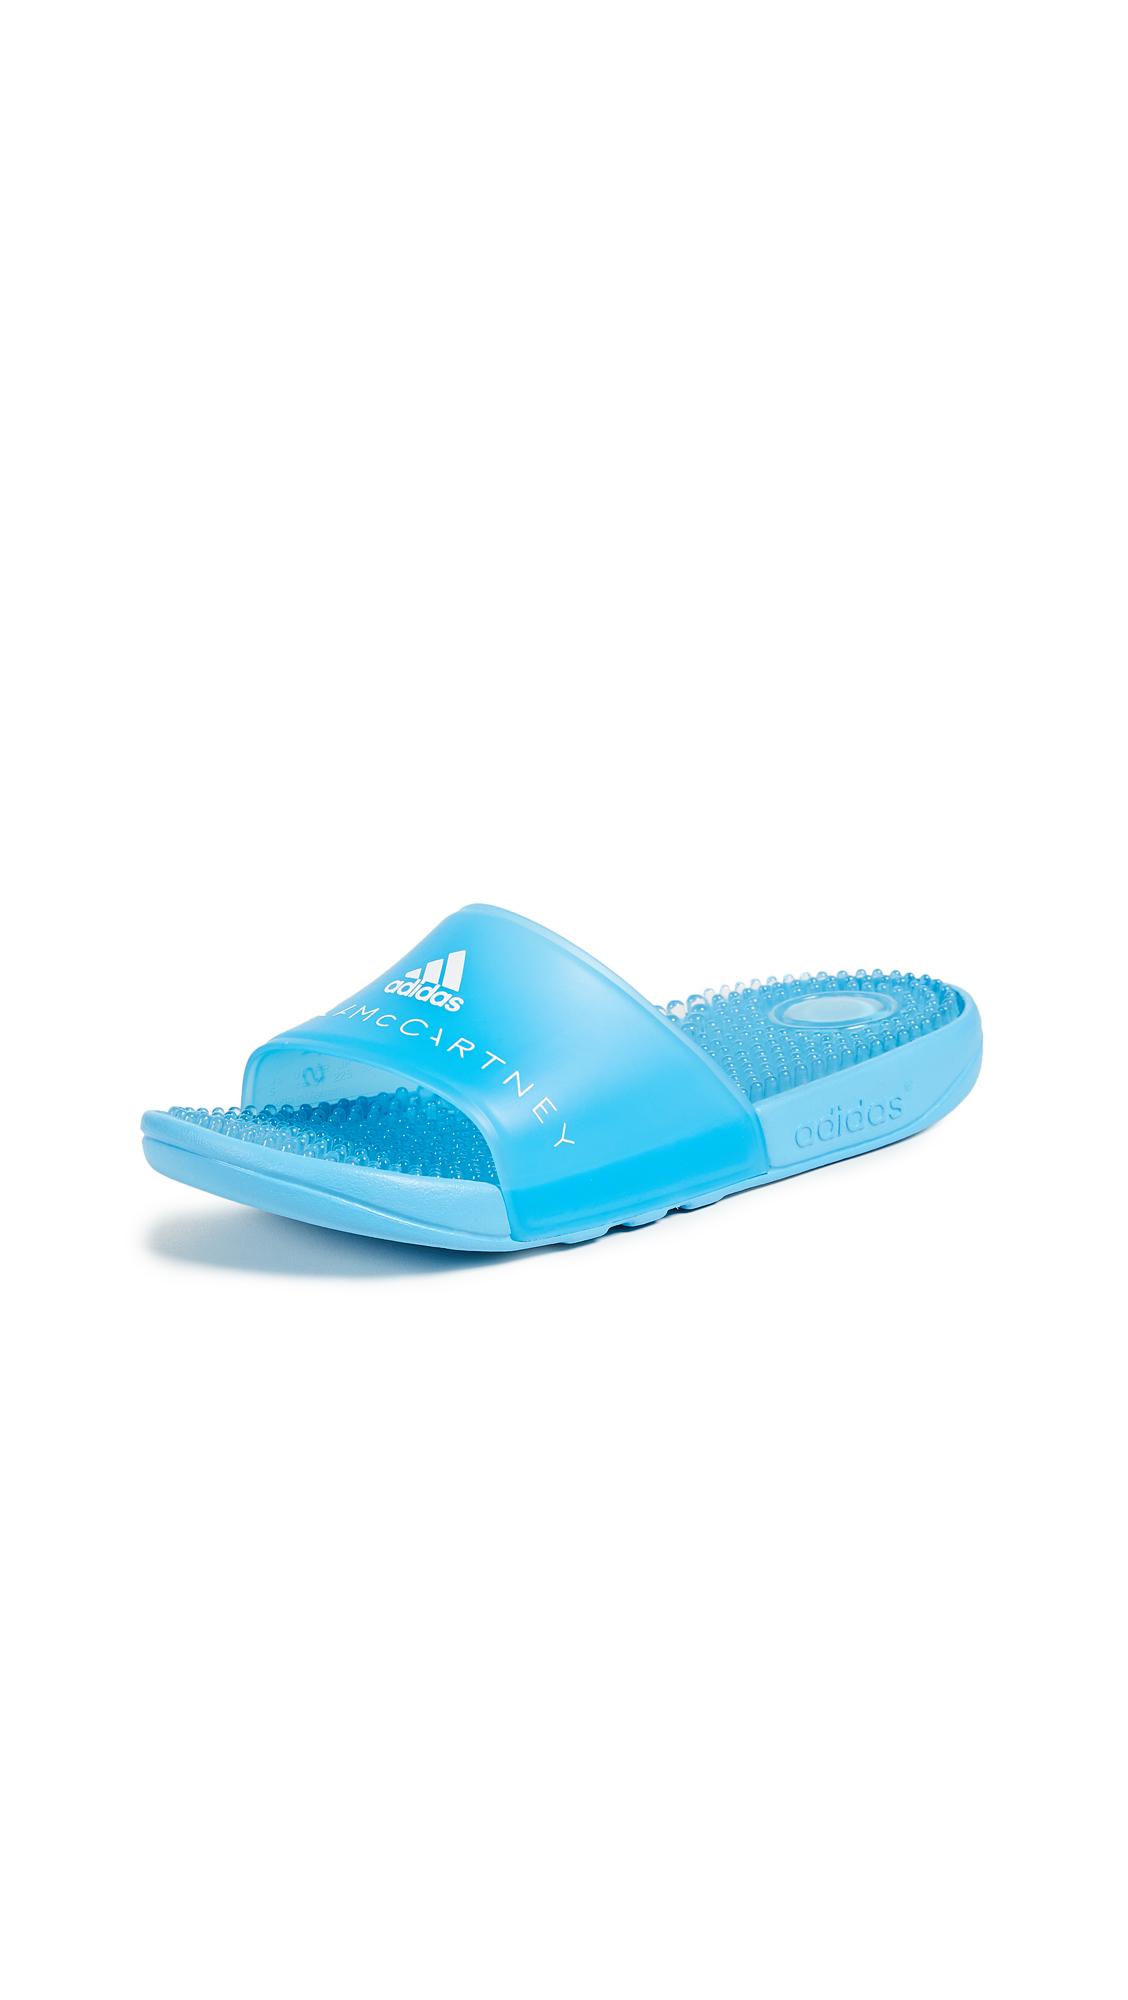 adidas by Stella McCartney Adissage W Slides - Mirror Blue/Mirror Blue/White